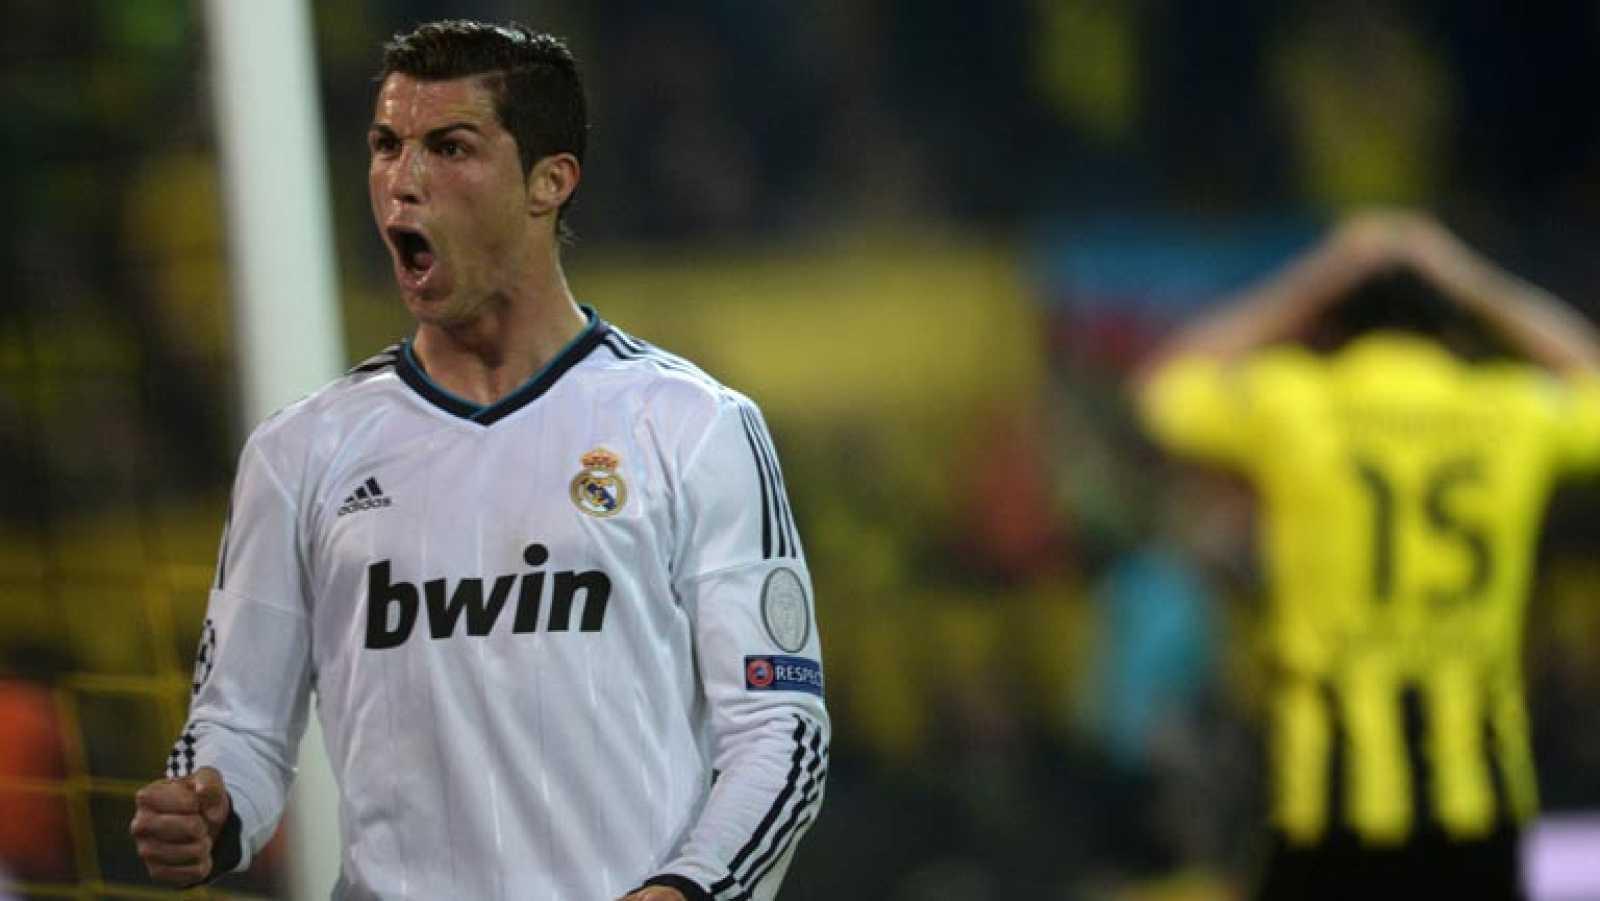 El jugador del Real Madrid Cristiano Ronaldo ha marcado el gol del 1-1 en el minuto 42 de juego, tras un pase de Higuaín y un error muy grave de Hummels.